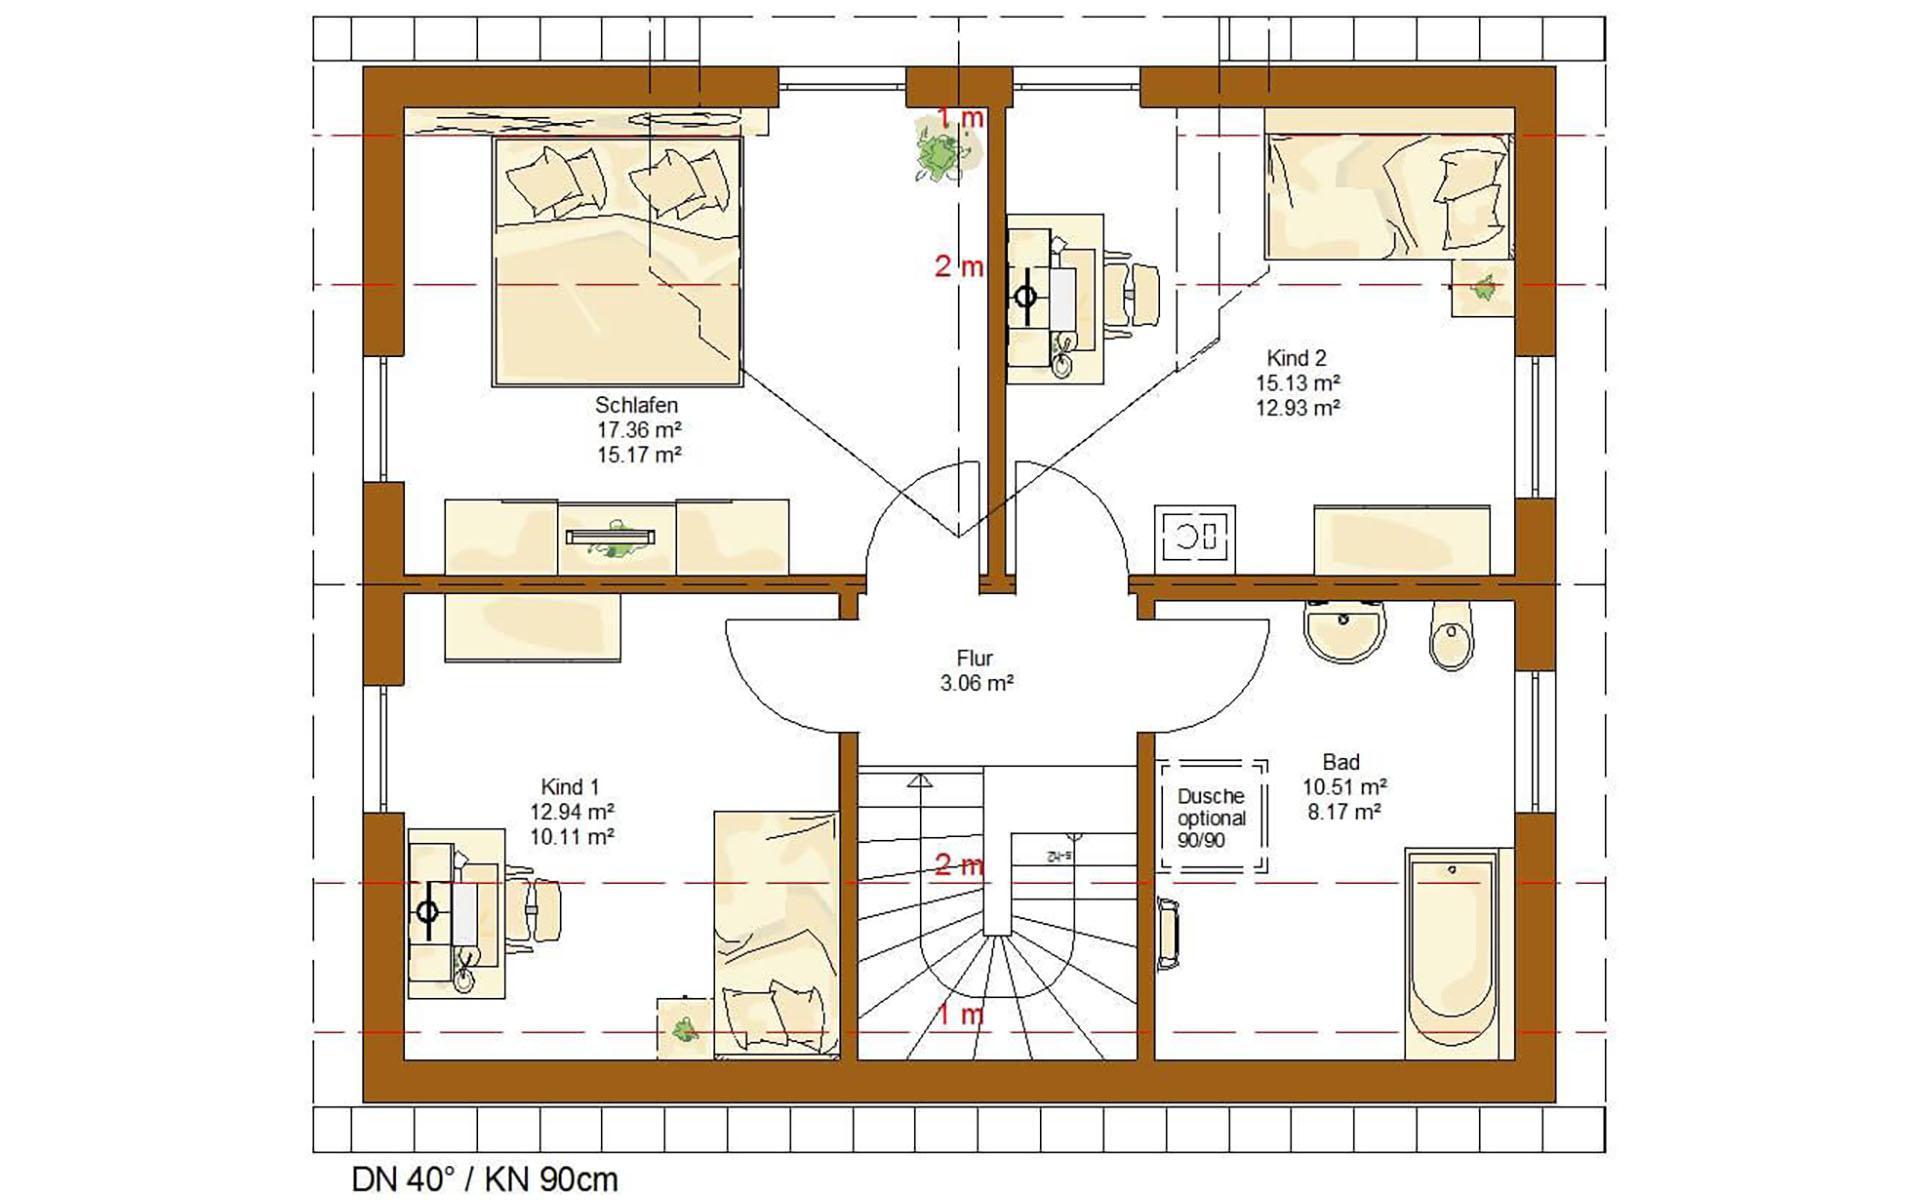 Dachgeschoss CLOU 123 (3 Giebel) von RENSCH-HAUS GMBH